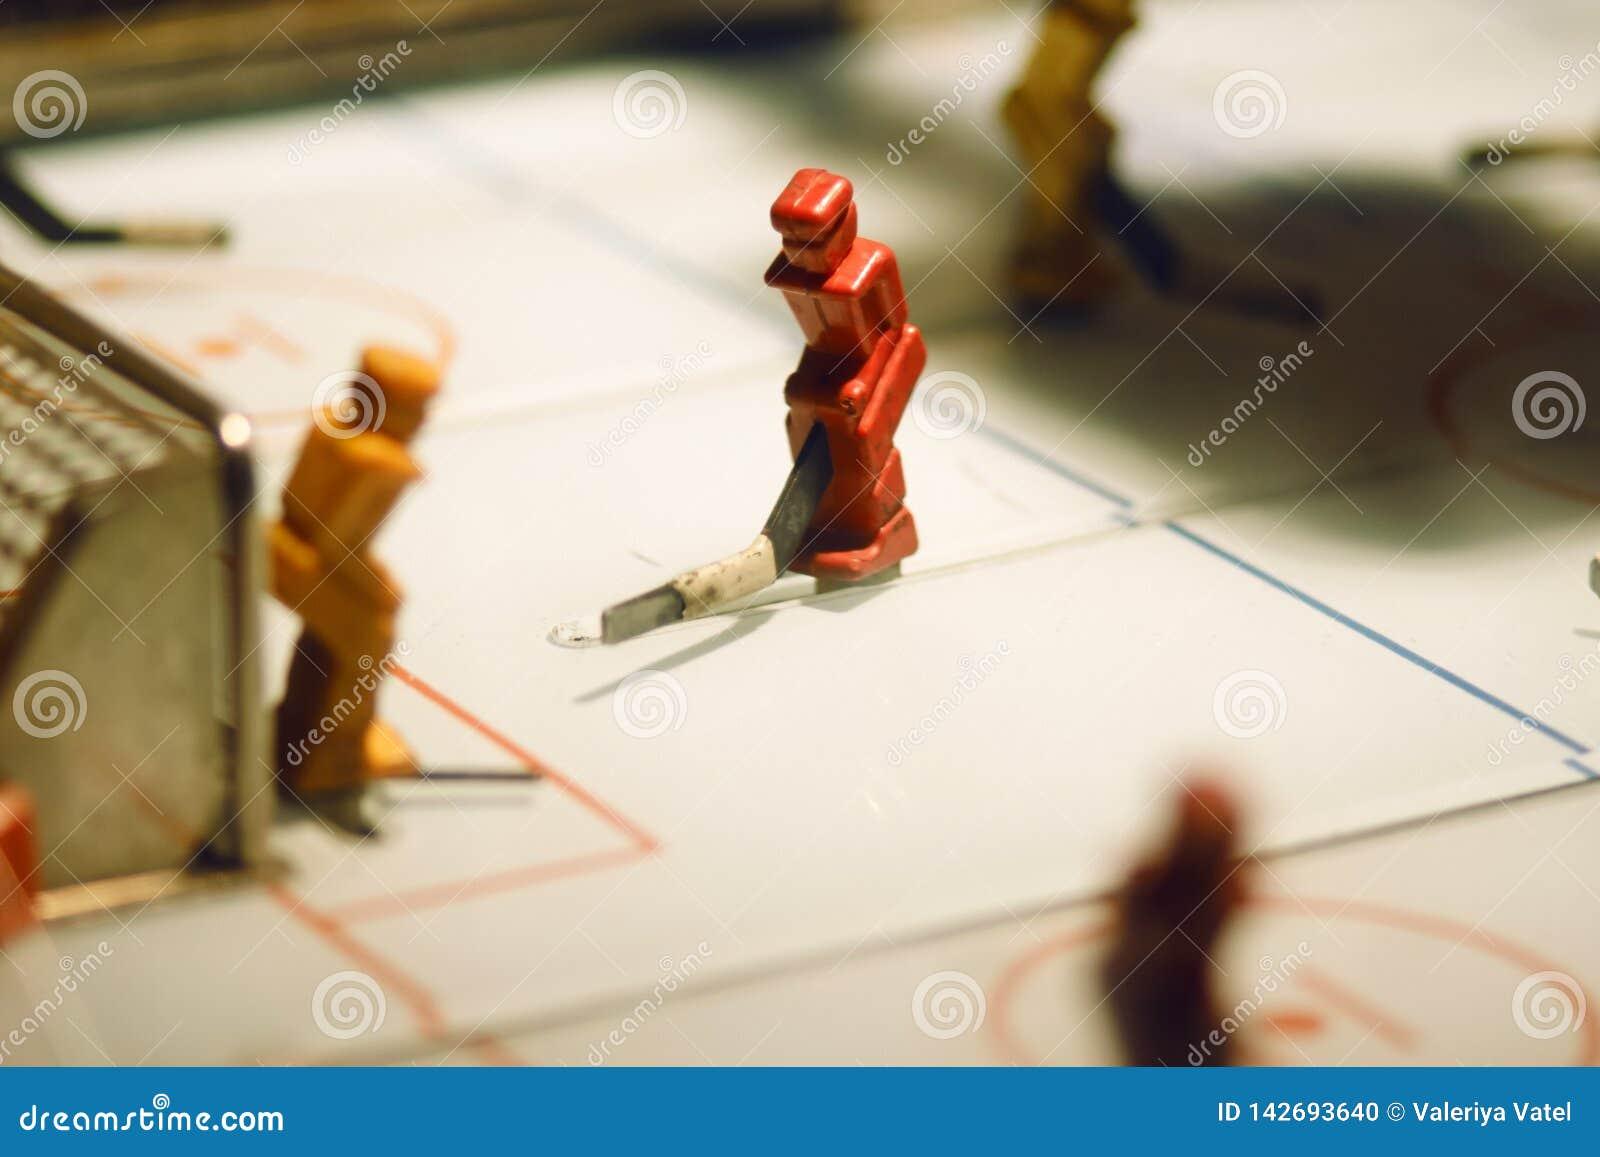 Jeu de Tableau avec des figures des joueurs de hockey